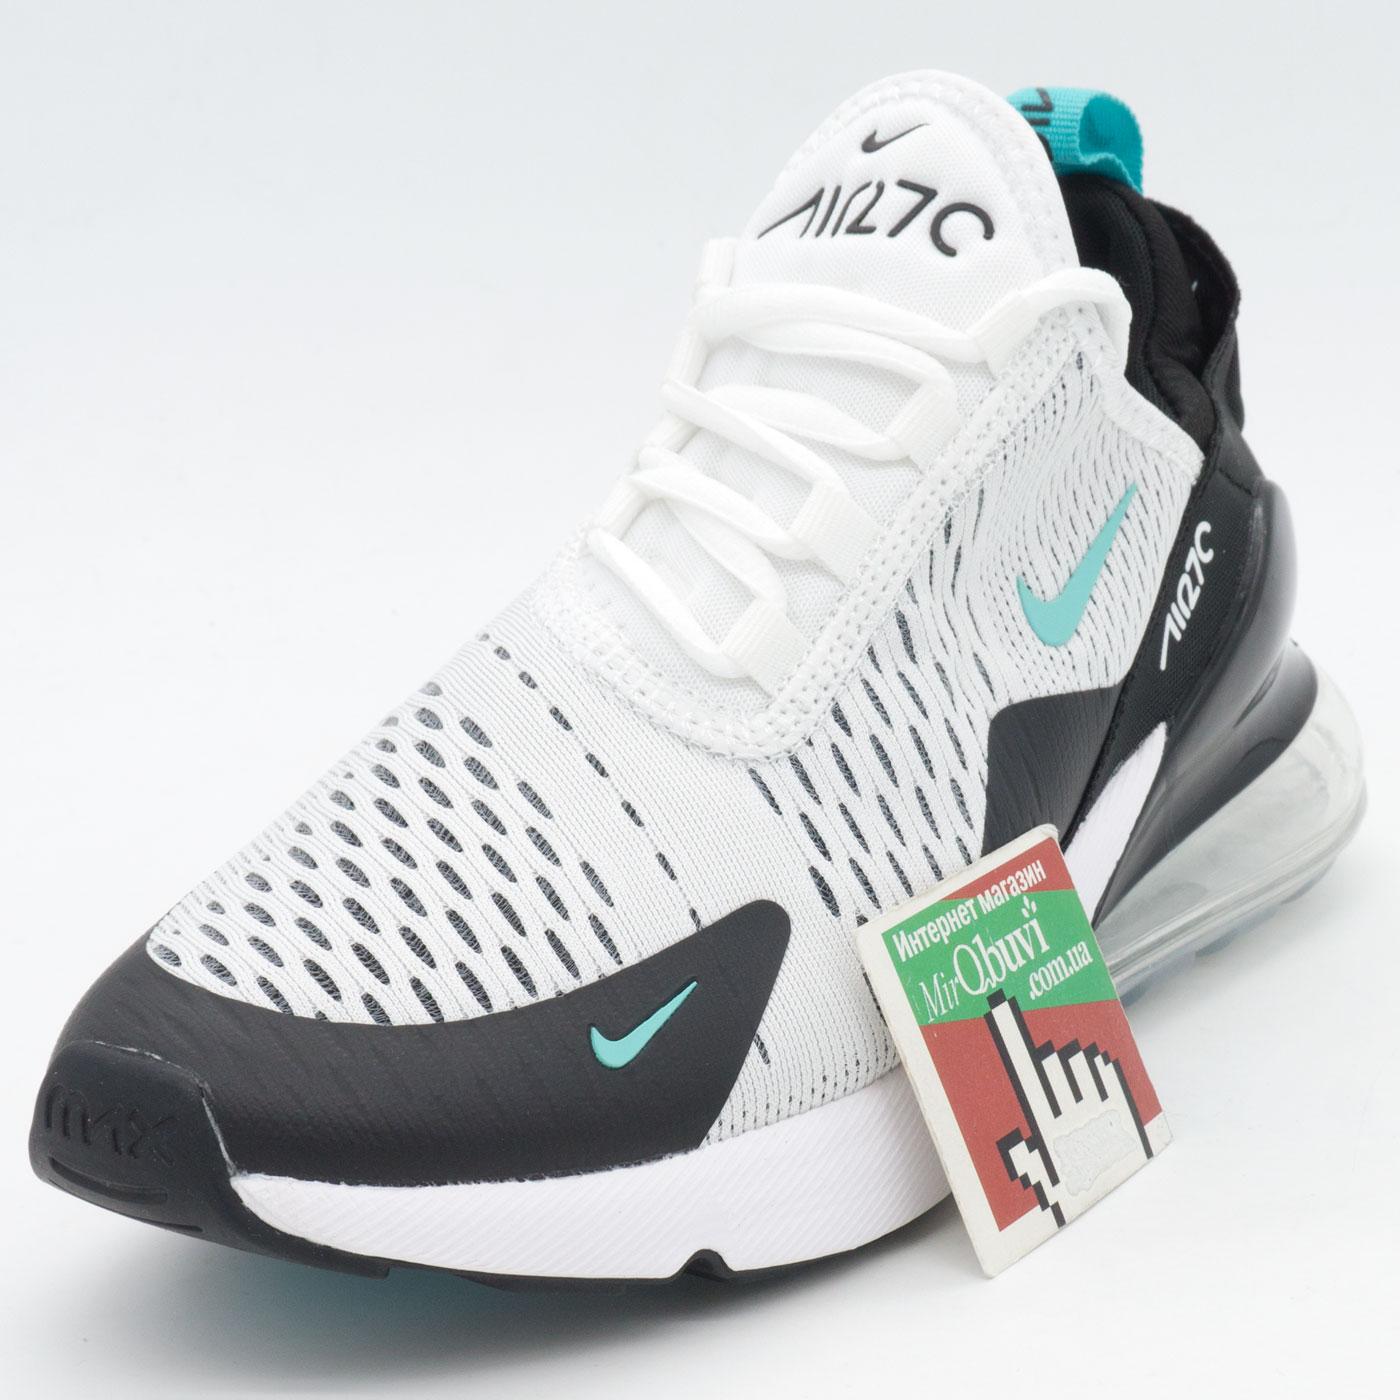 фото front Кроссовки Nike Air Max 270 белые, бирюзовый значек. front